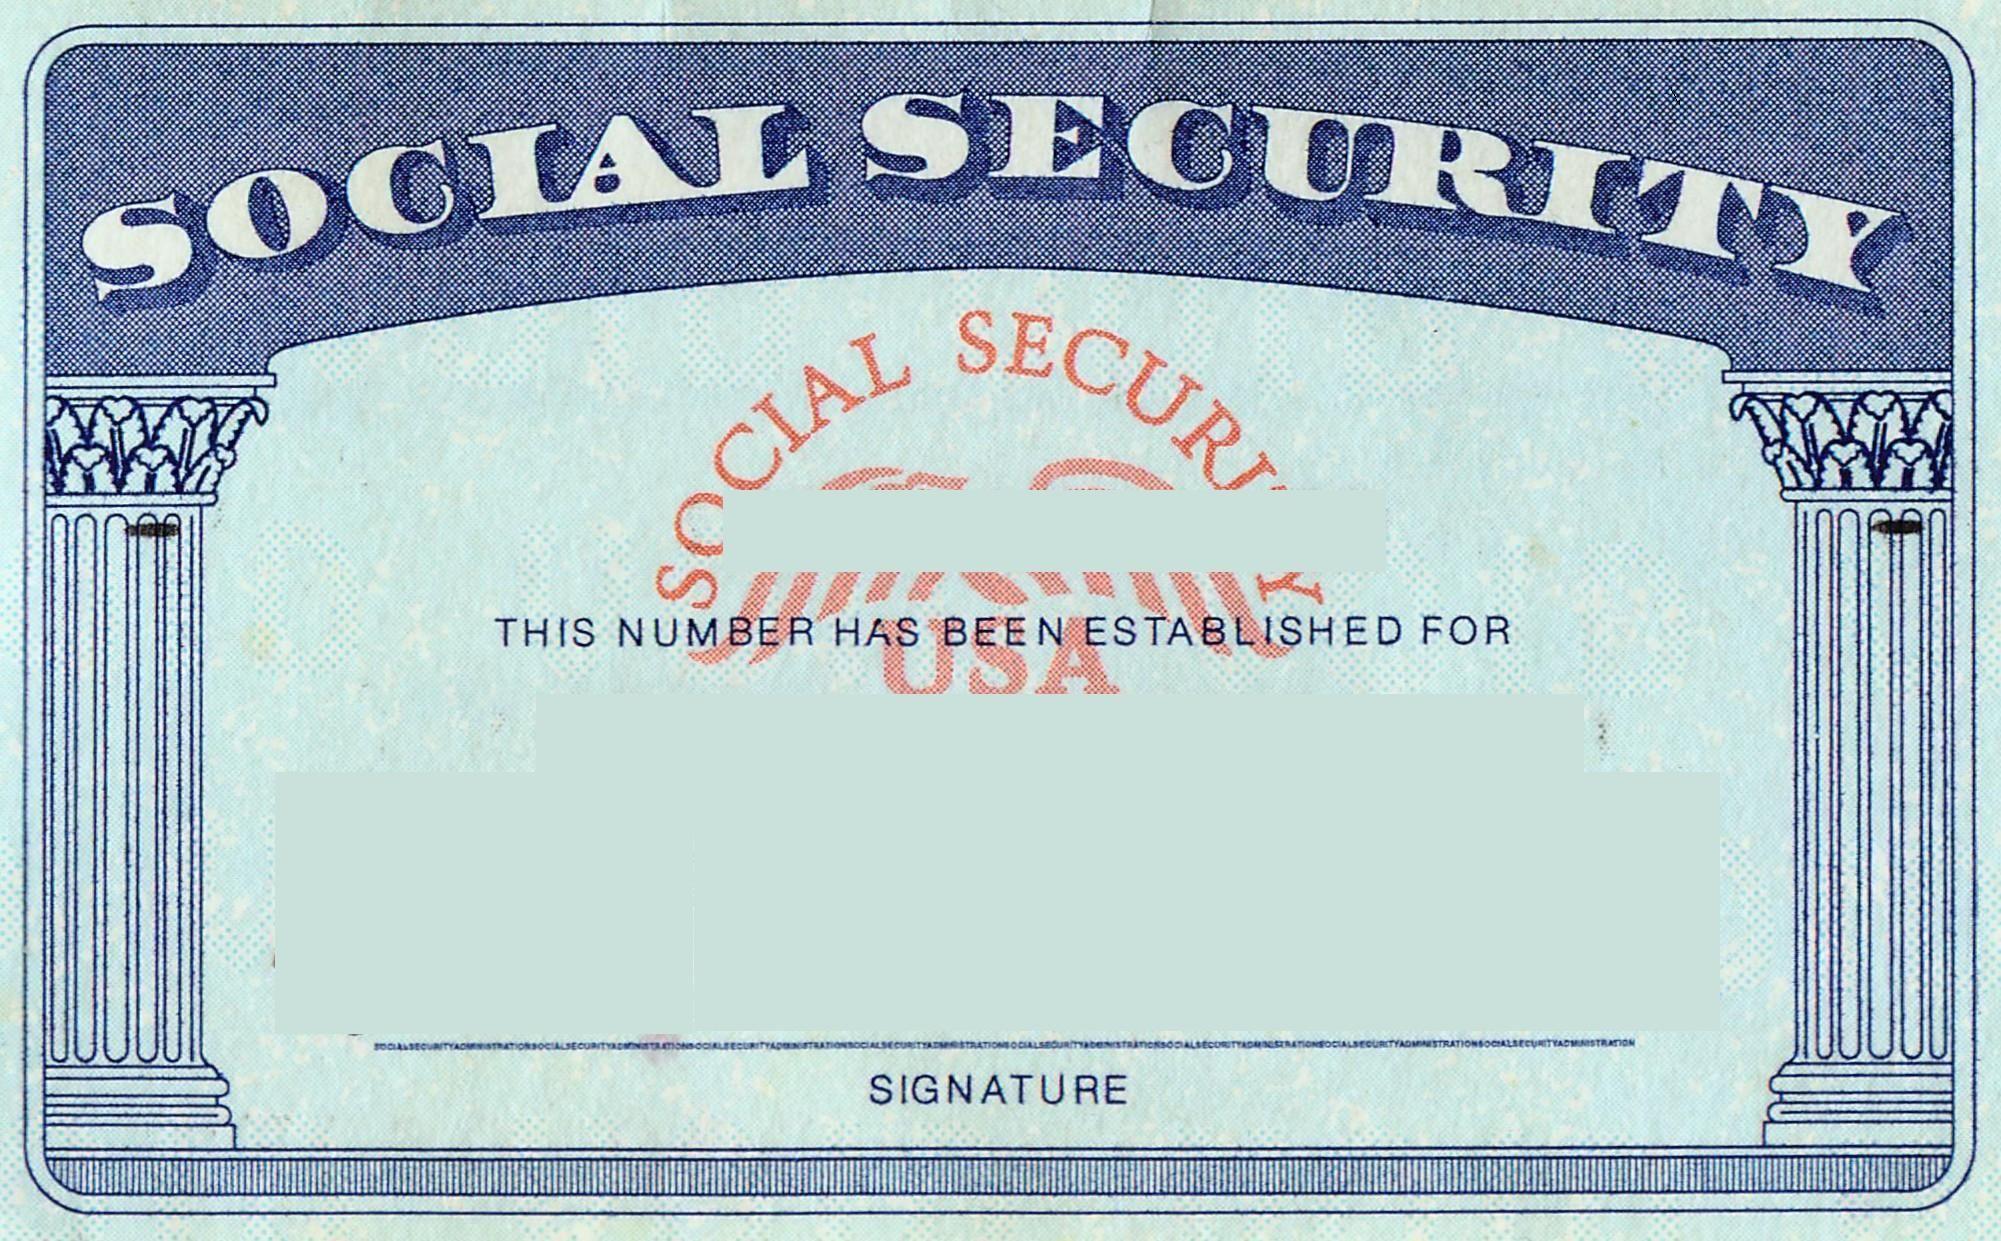 Blank Social Security Card Template Social Security Card Pertaining To Georgia Id Card Template Card Templates Printable Social Security Card Card Template Social security card template free